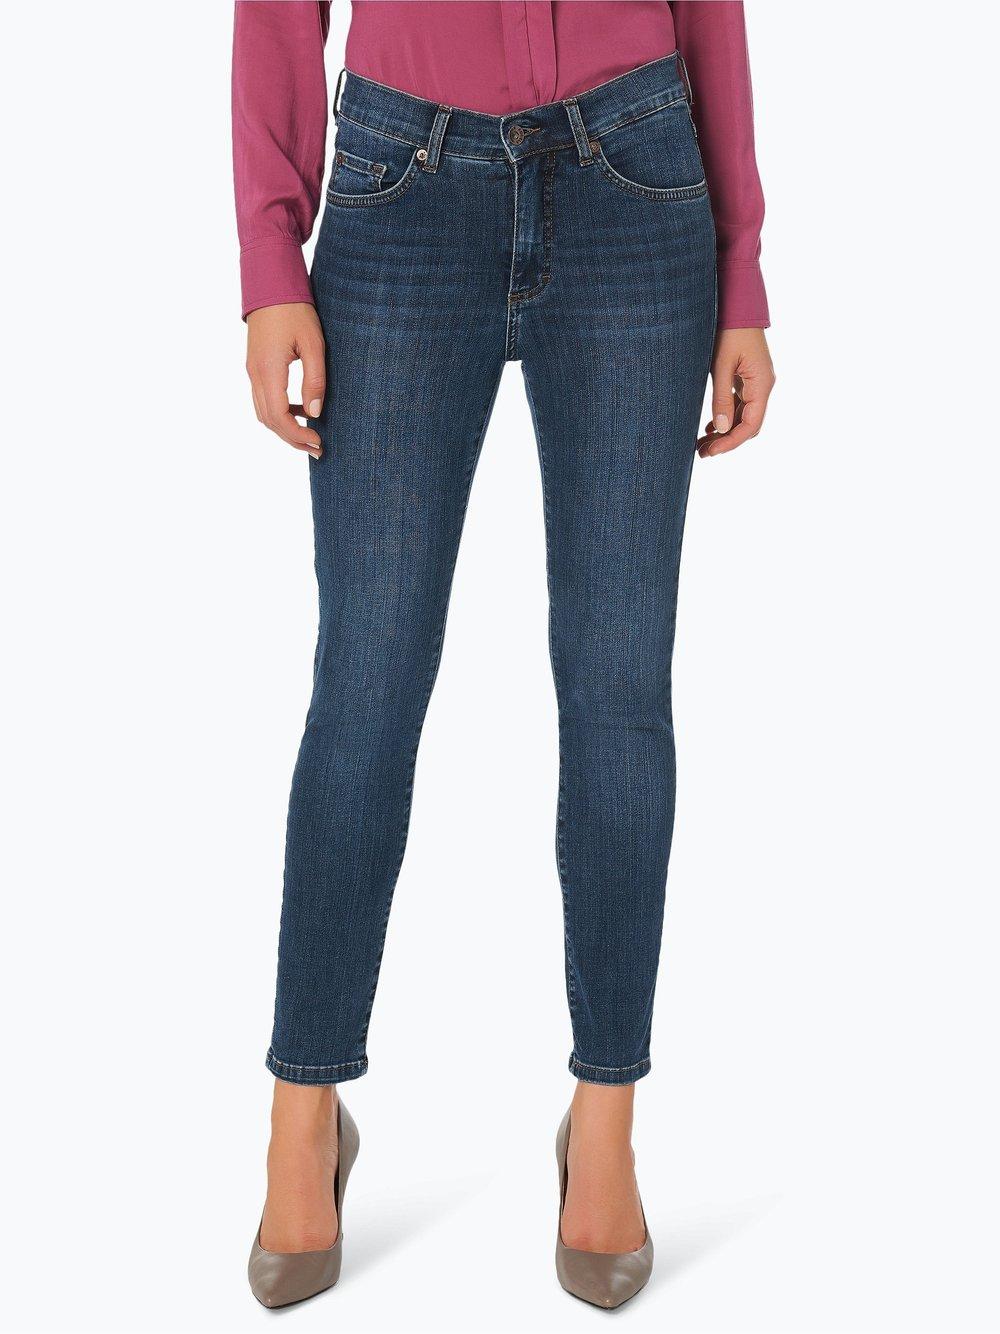 Angels – Jeansy damskie – Skinny z krótkimi nogawkami, niebieski Van Graaf 254884-0002-04428